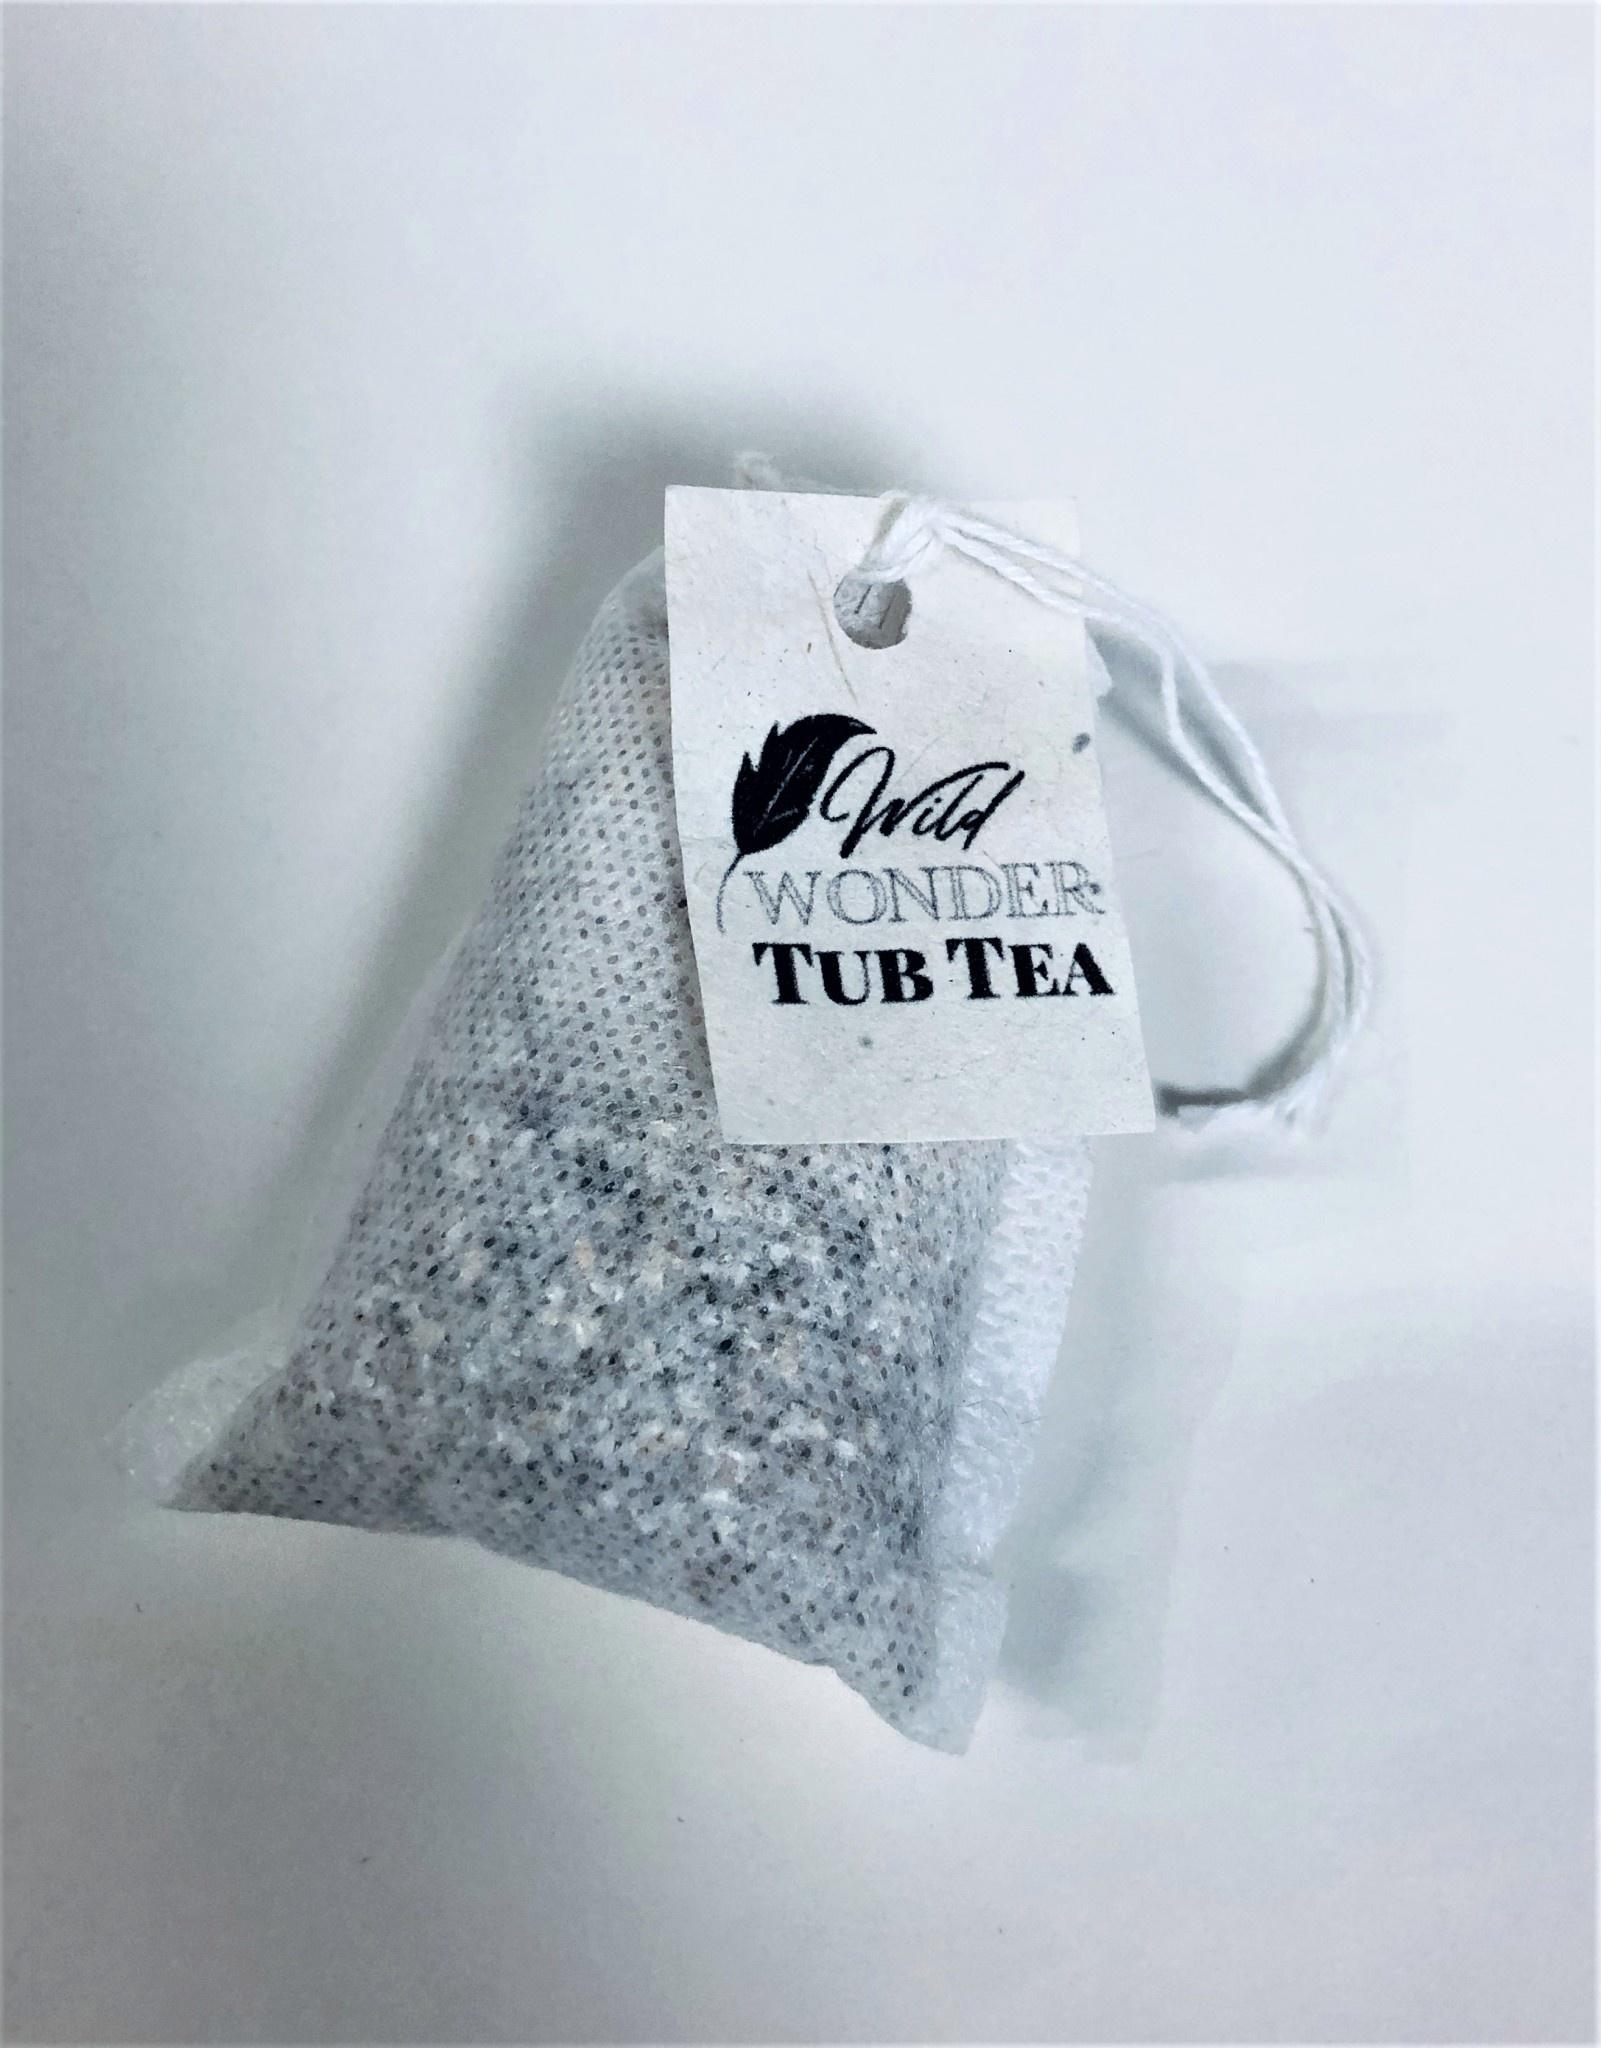 Wild Wonder Tub Tea Single